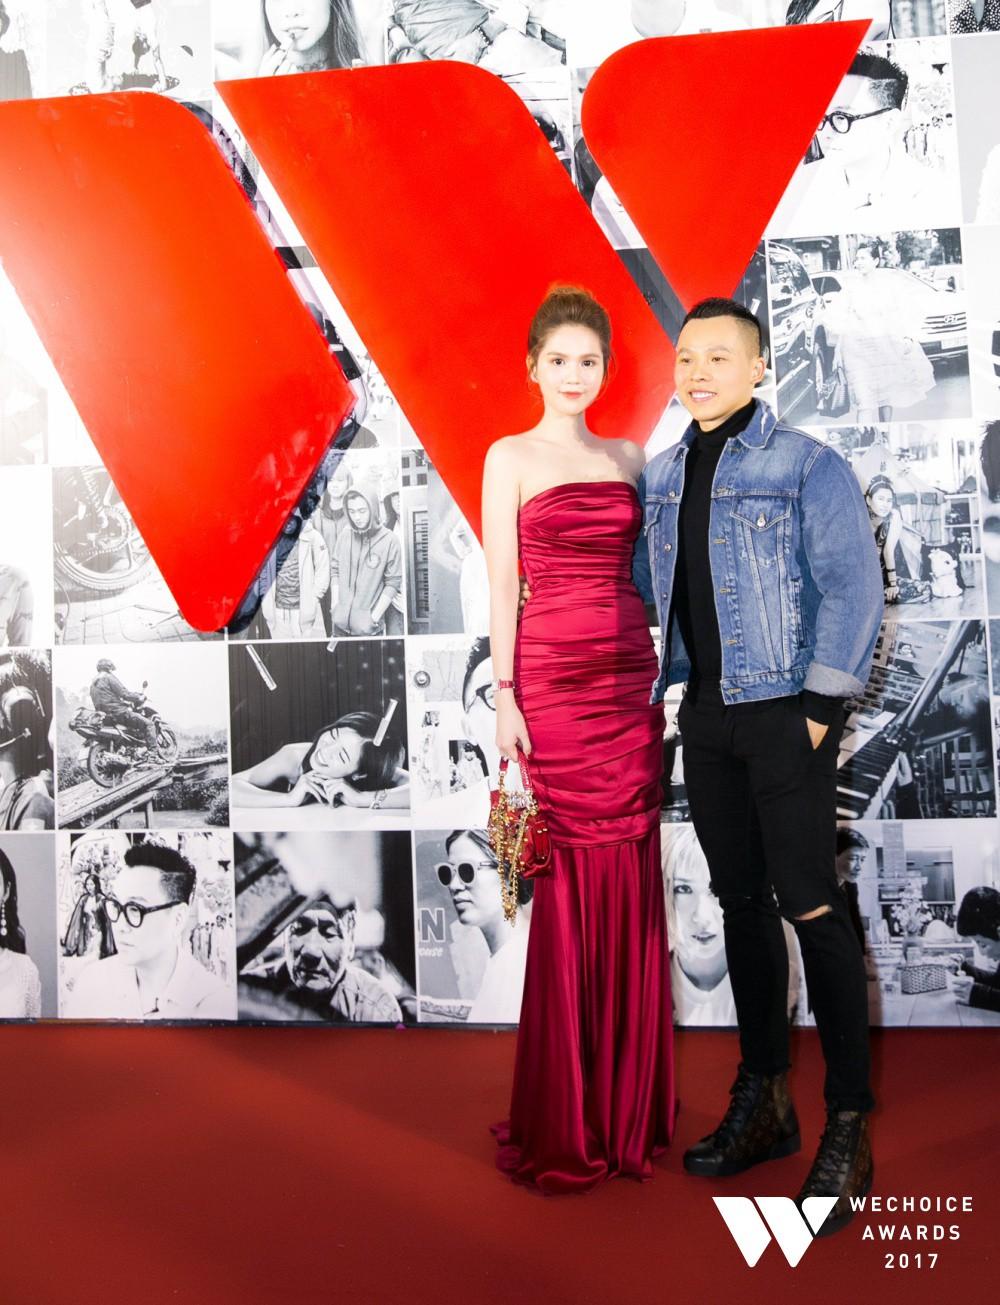 Thảm đỏ Gala WeChoice Awards: Ngọc Trinh khoe vai trần quyến rũ, Chi Pu diện váy xẻ cao táo bạo - Ảnh 2.